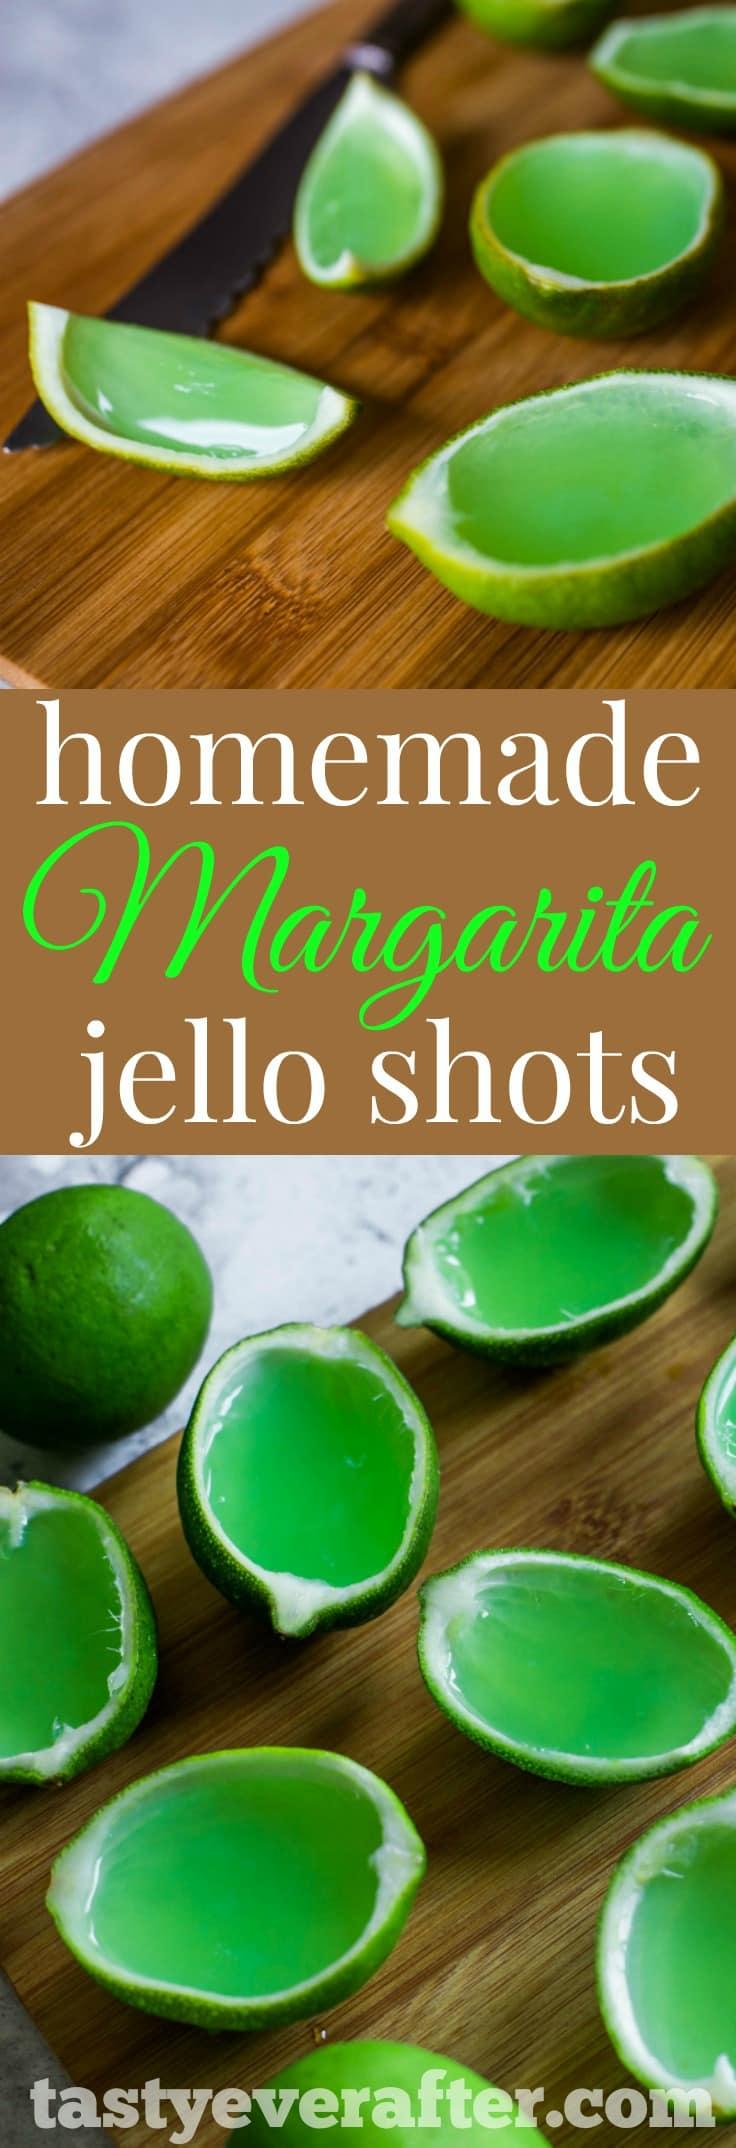 MargaritaJelloShotsPIN - Homemade Margarita Jello Shots Recipe